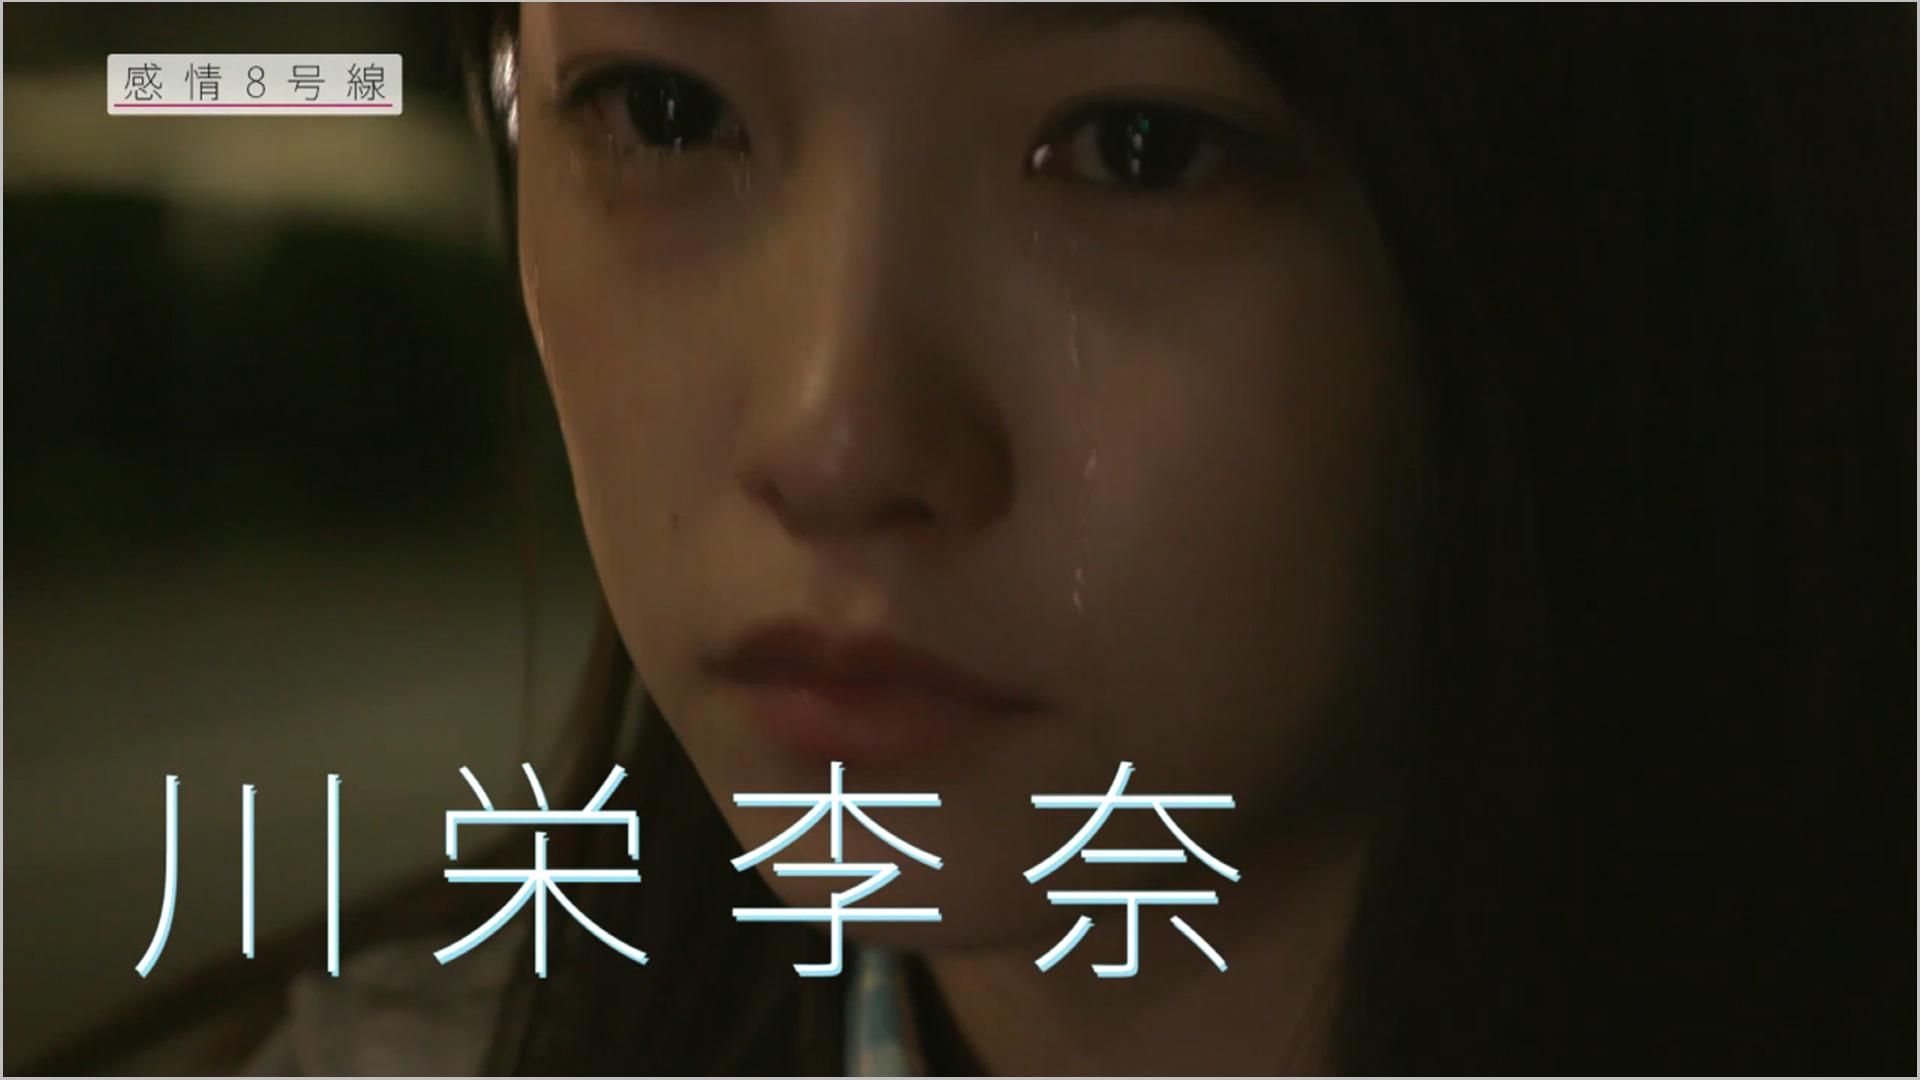 感情8号線 第1話「荻窪 真希」